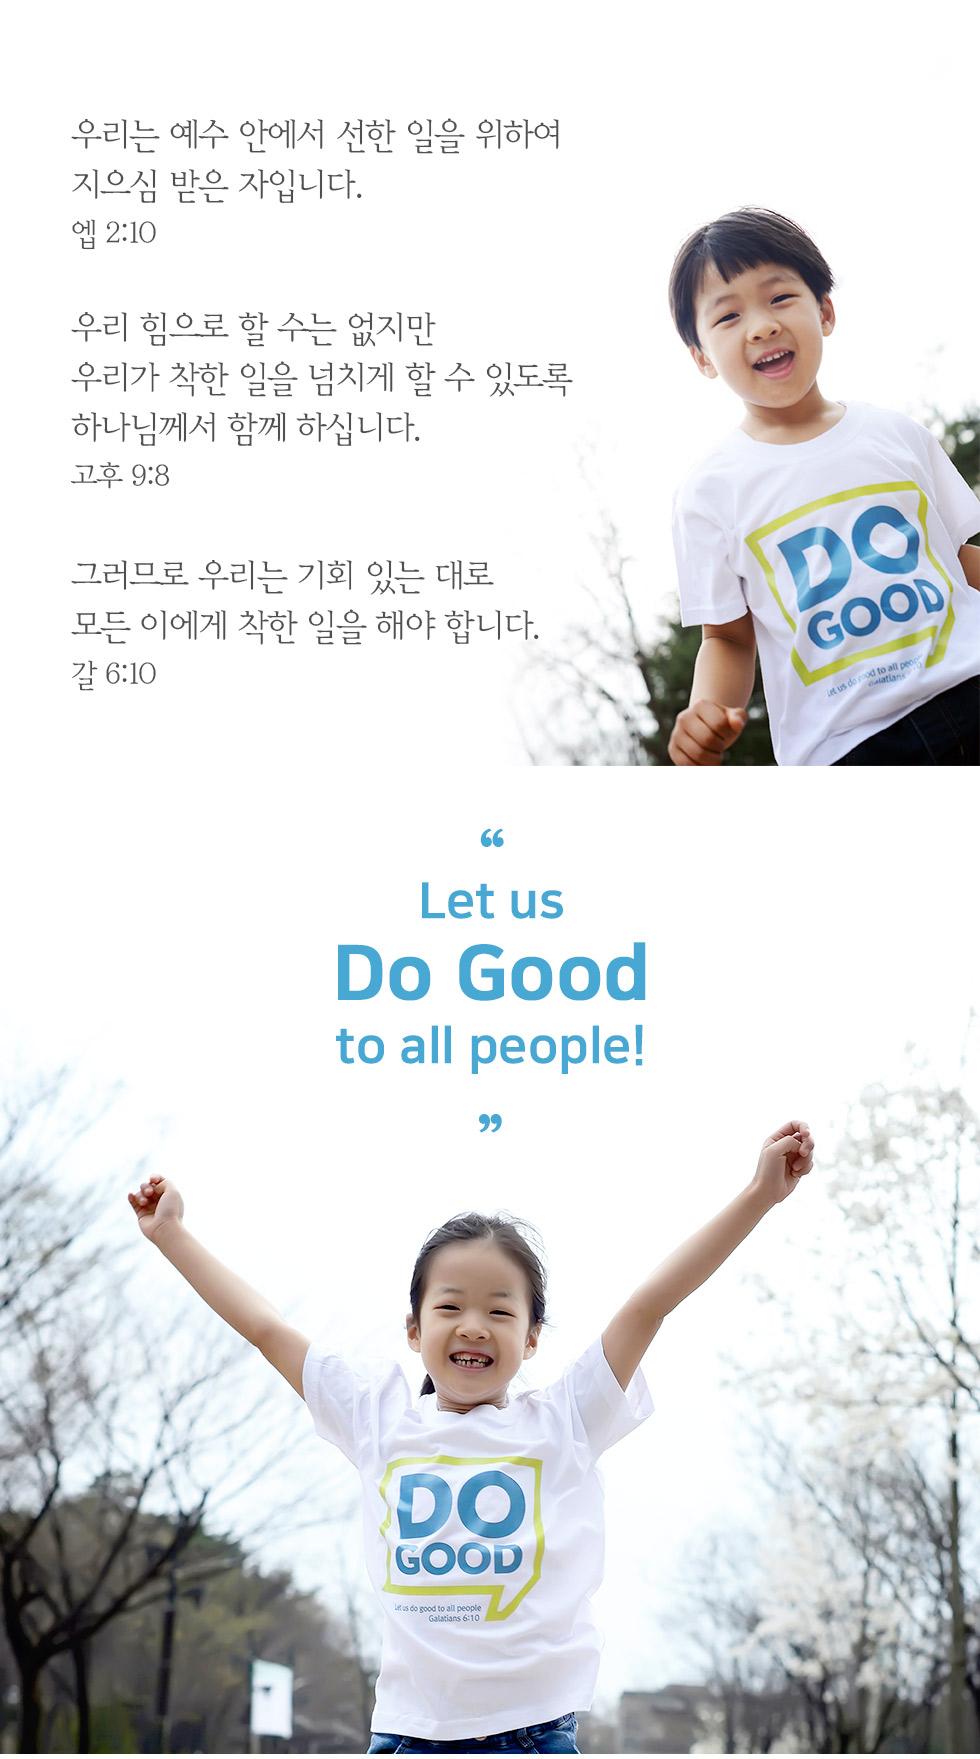 교회단체티 Do good 의미 설명